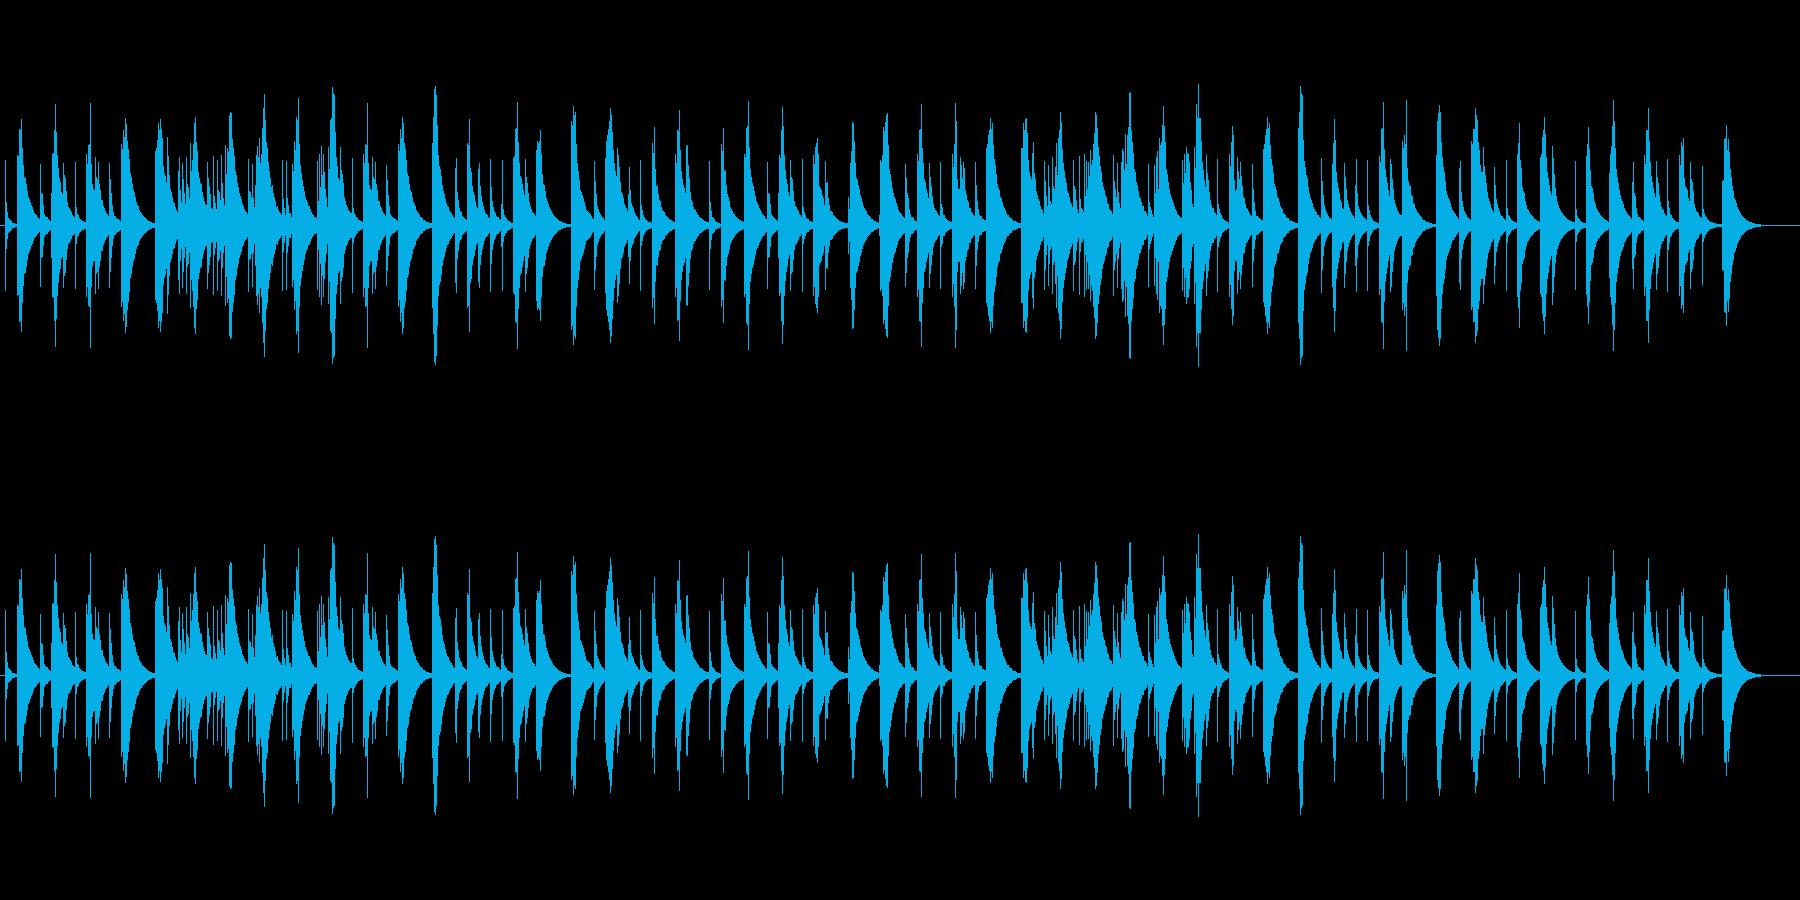 ショパン夜想曲4番のオルゴールの再生済みの波形